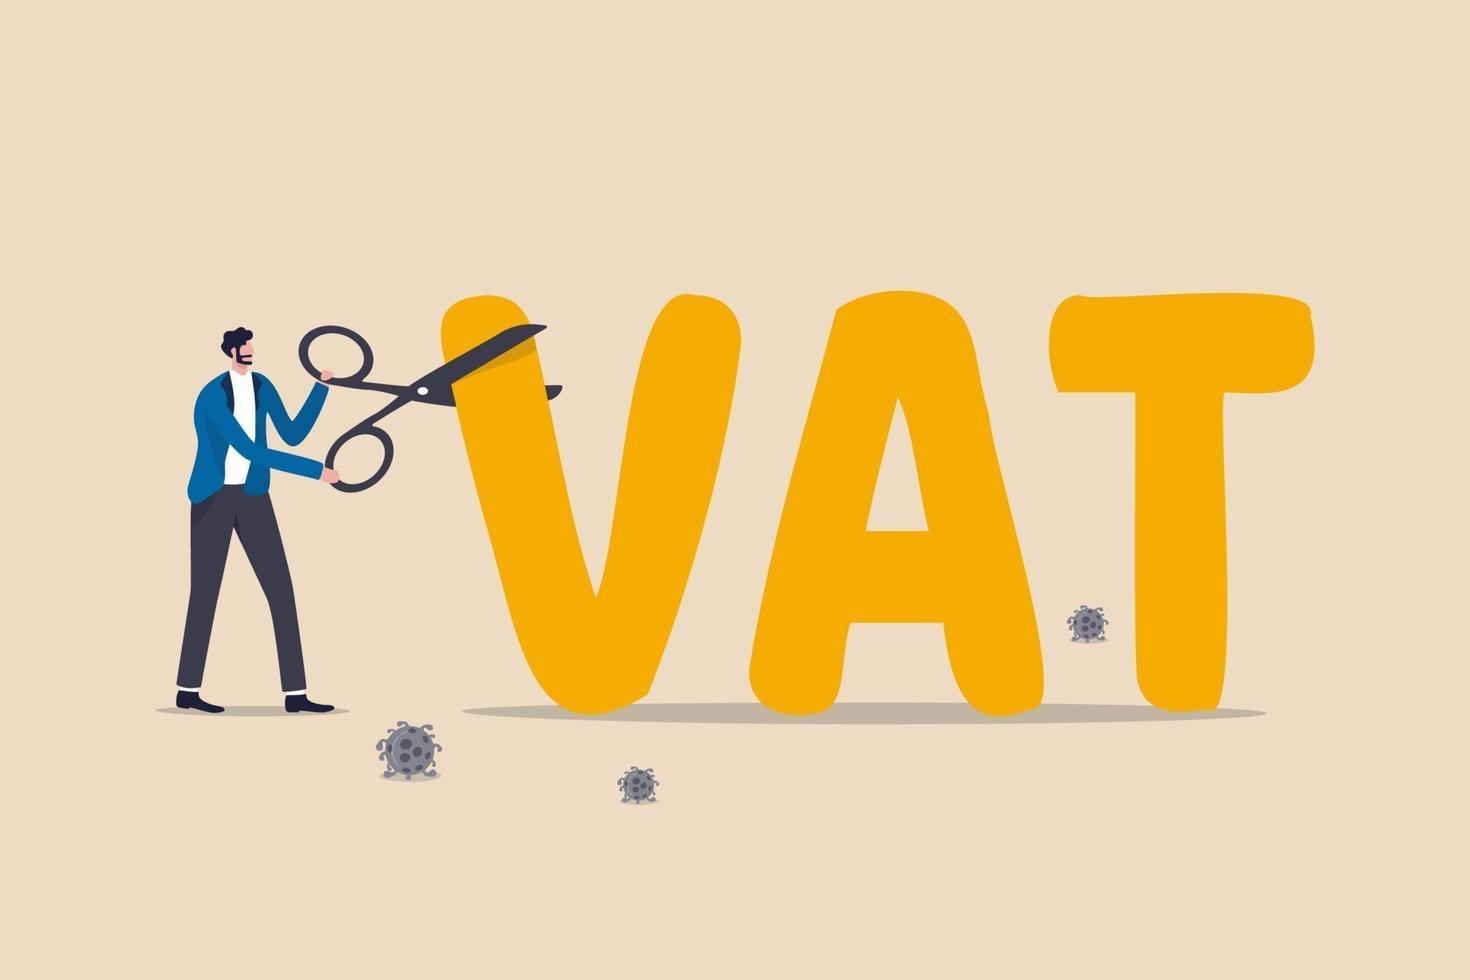 politica monetaria del governo per tagliare l'IVA o ridurre l'aliquota fiscale per aiutare la ripresa economica dopo la pandemia di coronavirus covid-19, governo, banca centrale e governo che usano le forbici per tagliare o abbassare l'aliquota IVA. vettore